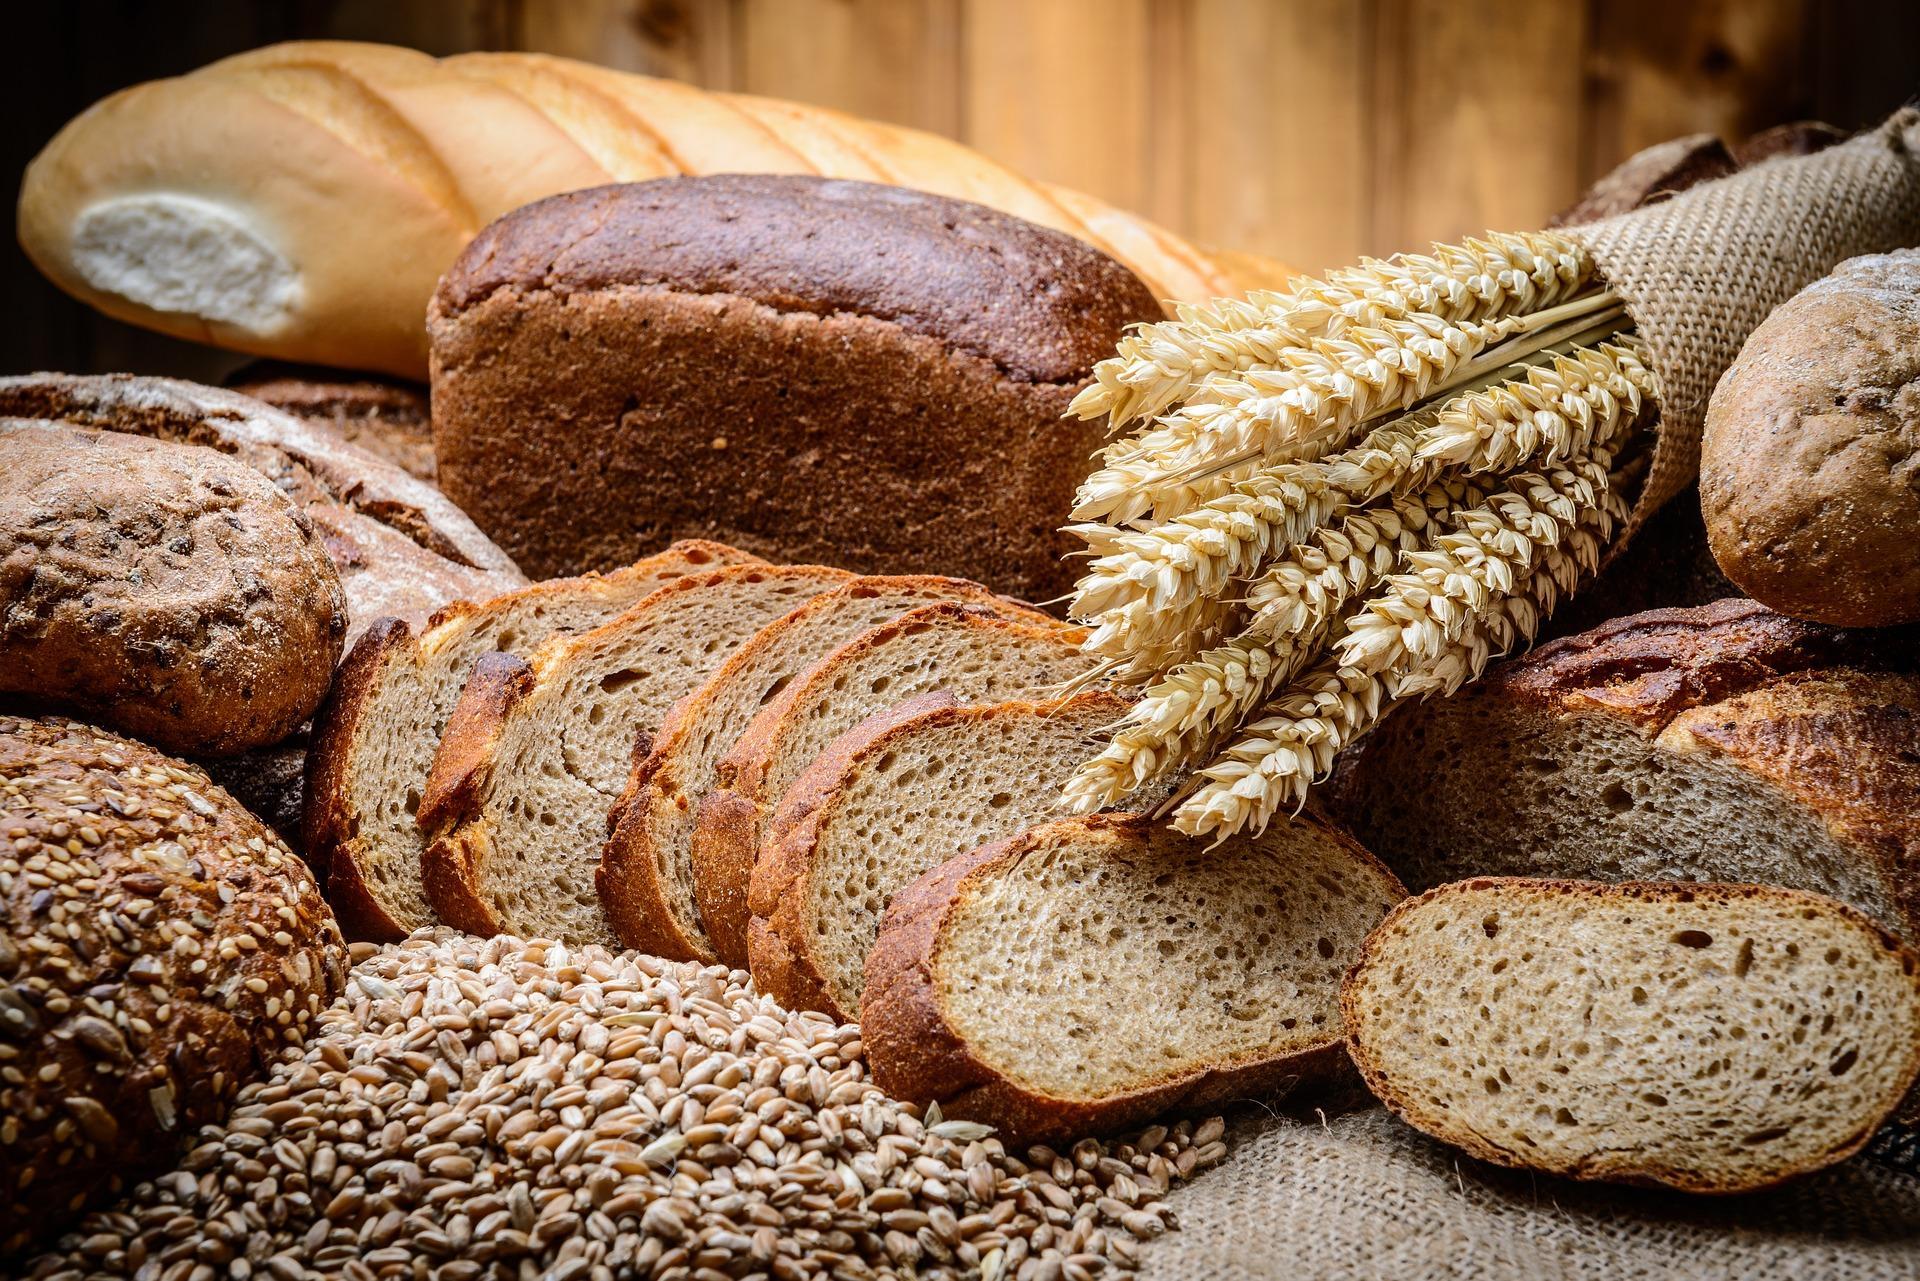 Картинки из хлебных изделий